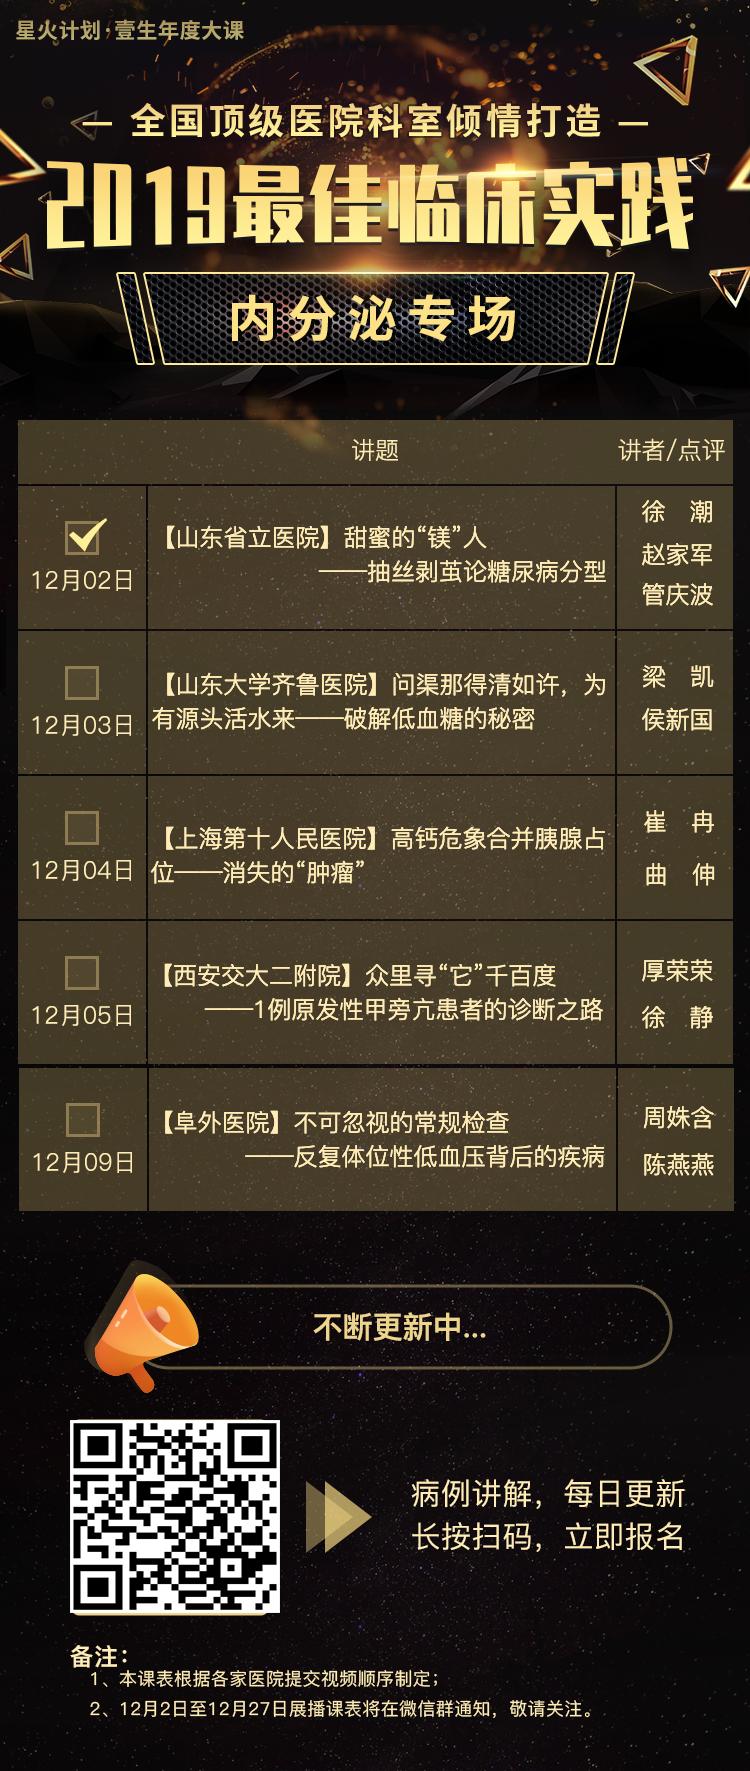 12.2内分泌课表.png